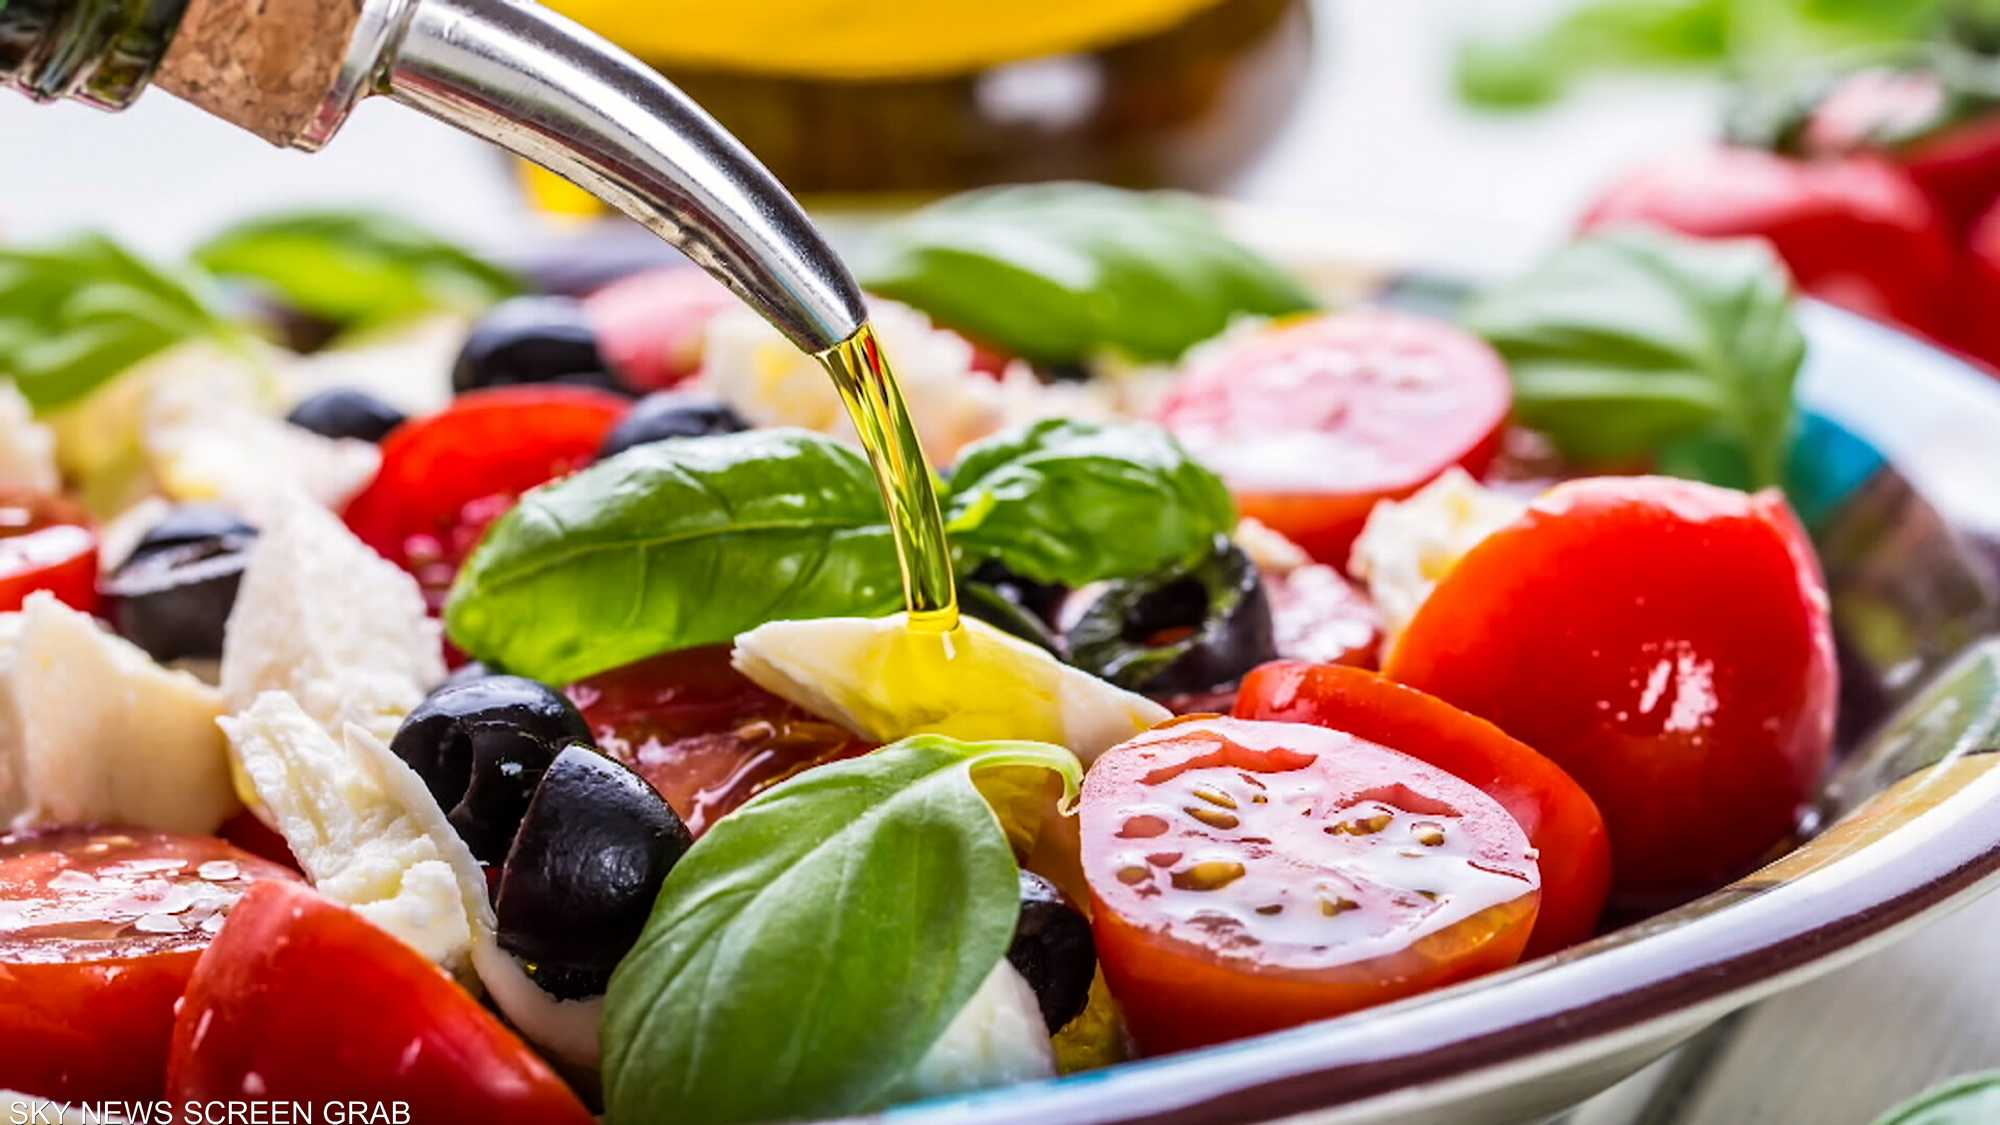 سلطة كابريزي.. فخر المطبخ الإيطالي